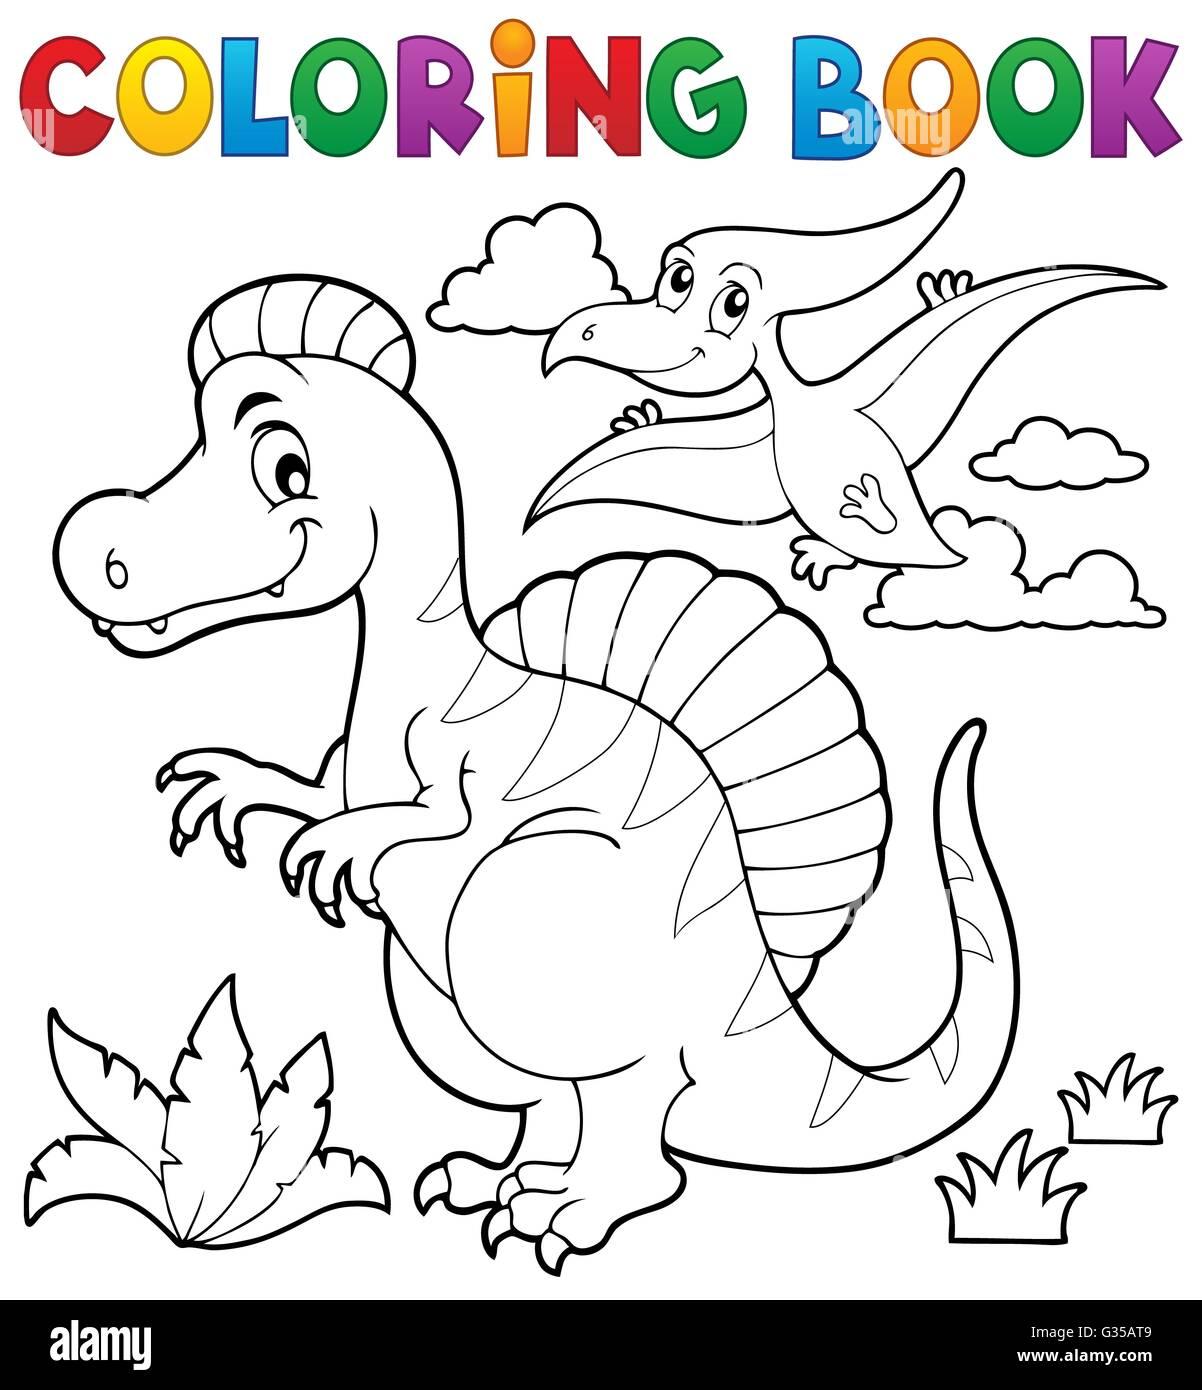 Malvorlagen Dinosaurier Buchthema 2 Bild Darstellung Stockfoto